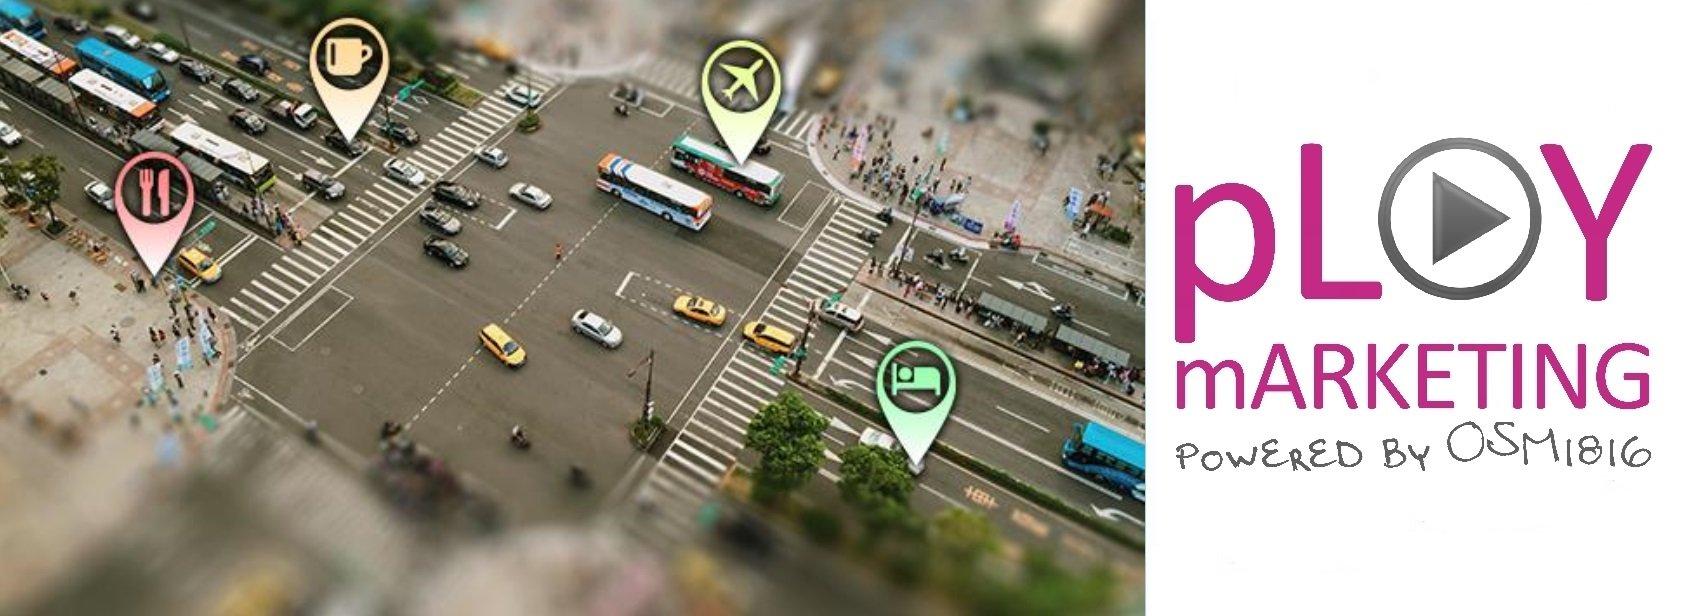 Come la realtà aumentata cambierà il nostro modo di muoverci